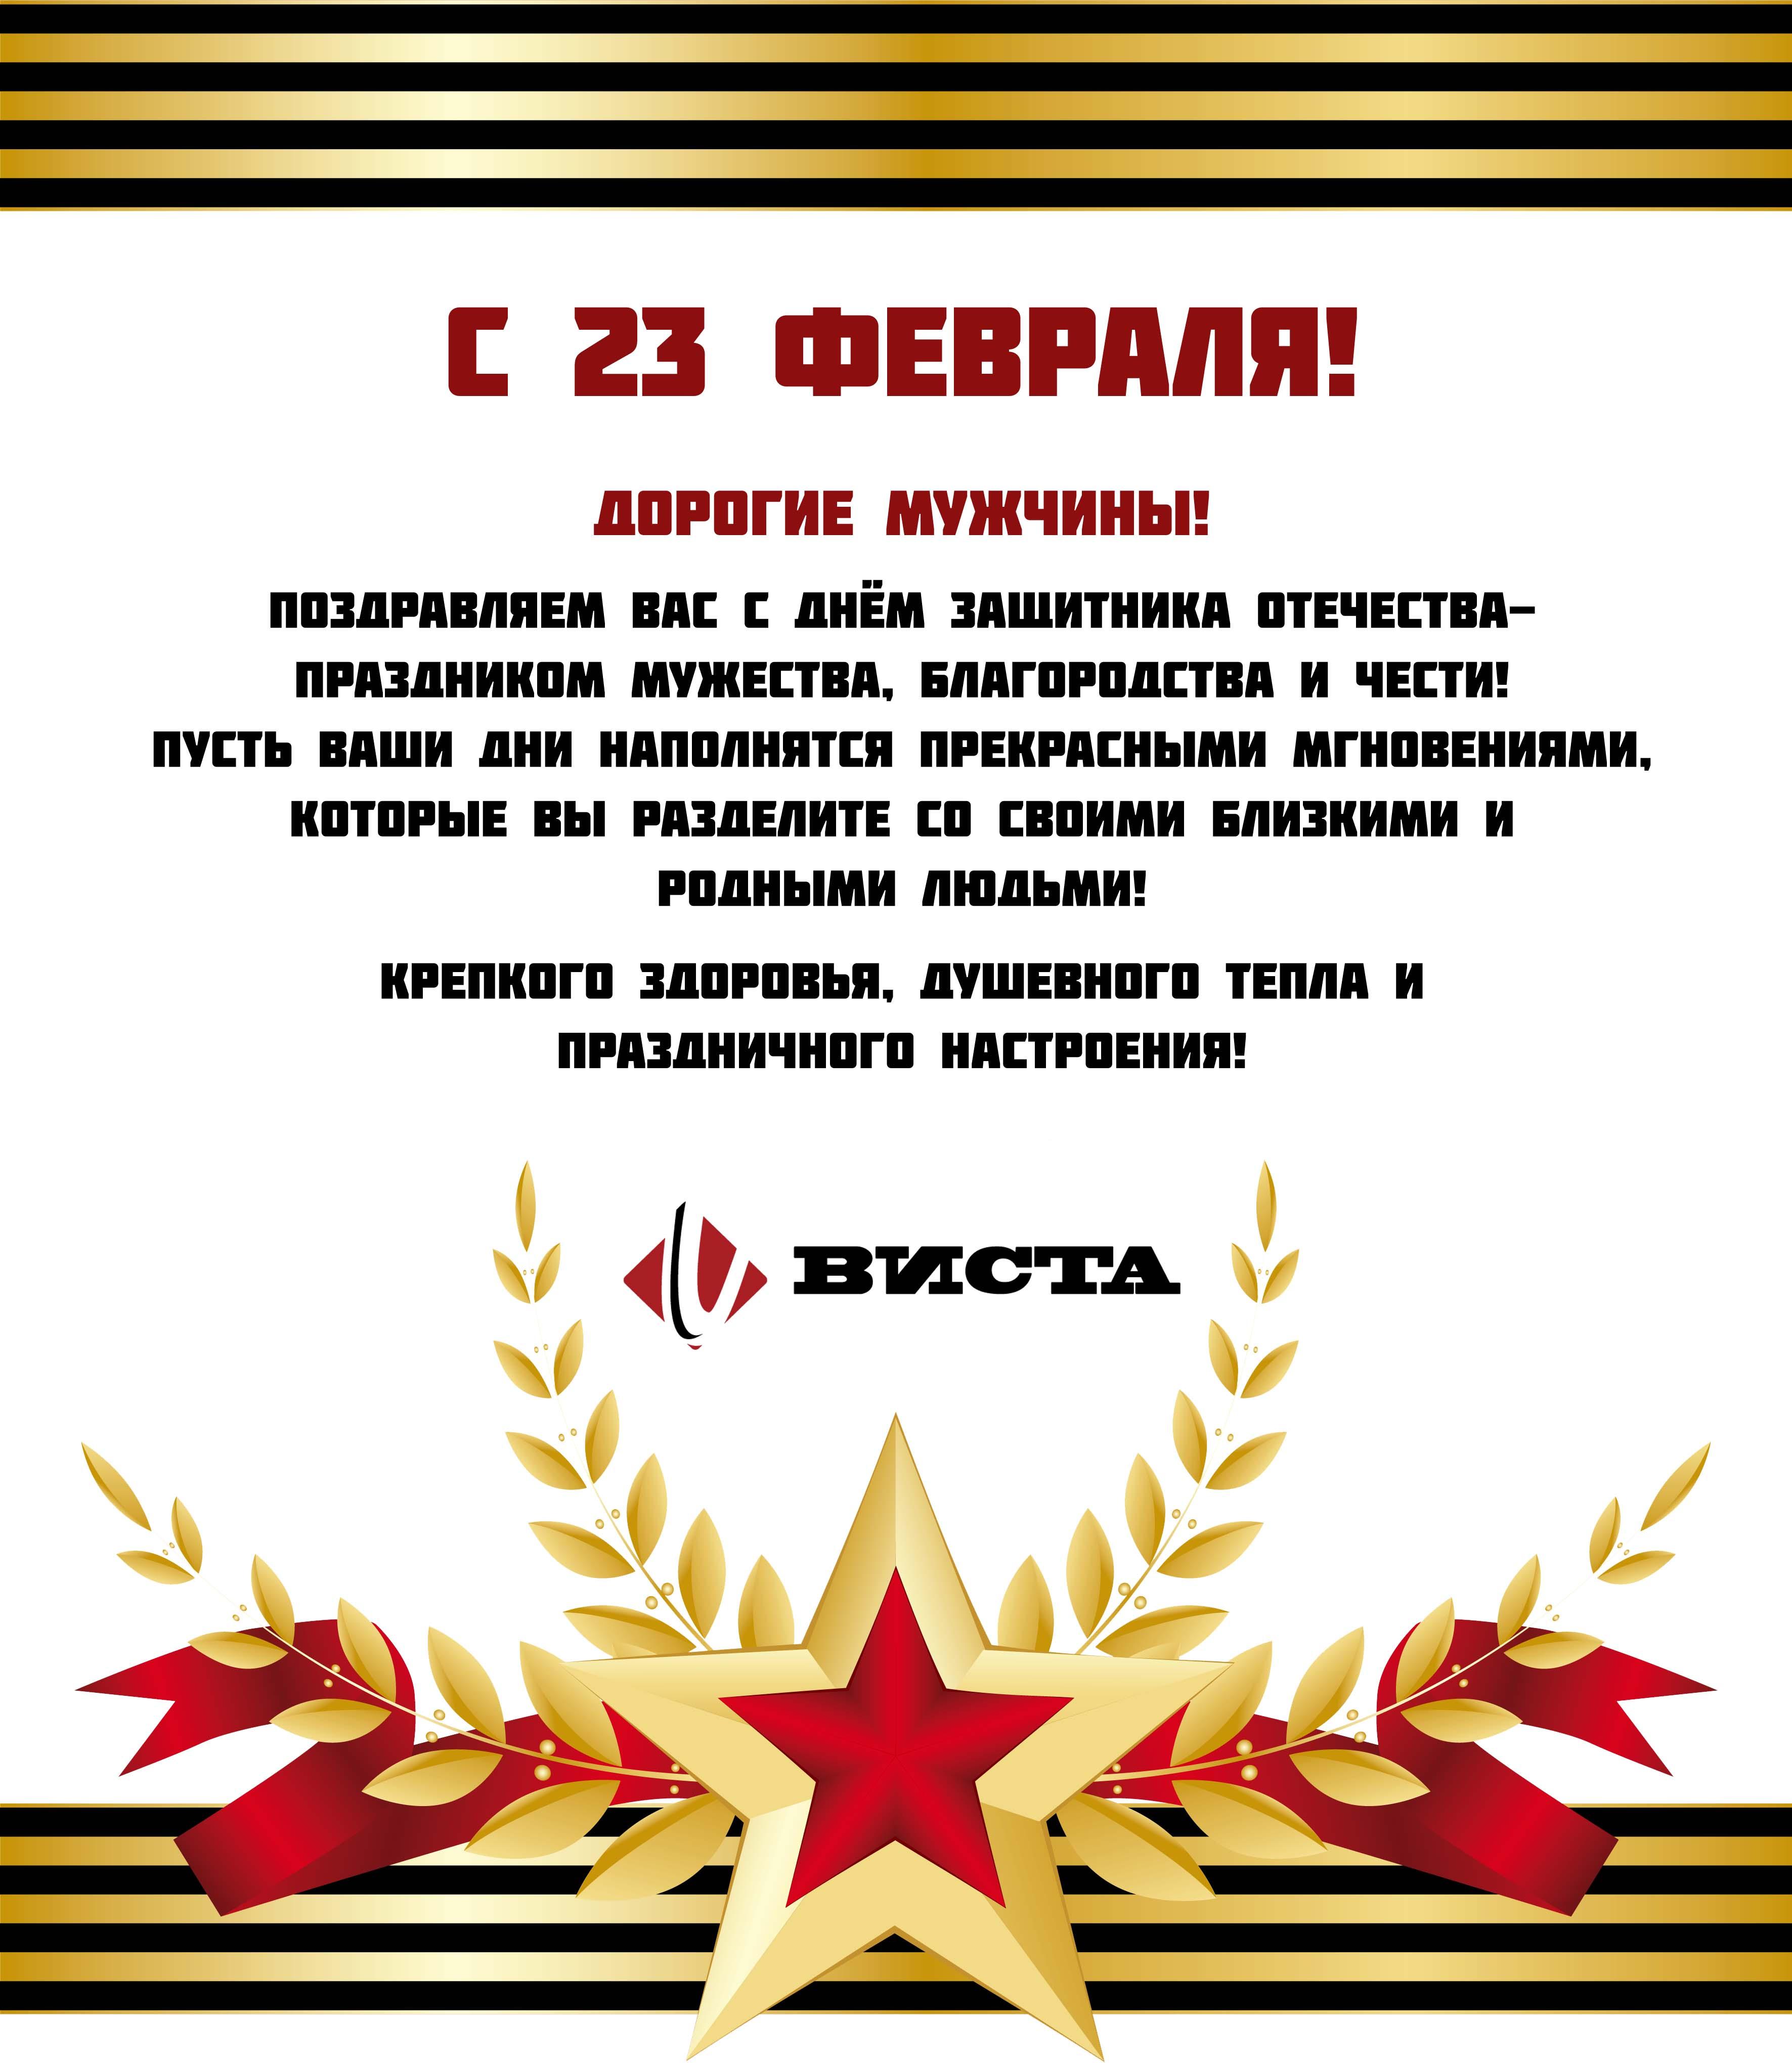 ❶Поздравление с 23 февраля от мужчины|День защитника отечества перенесли|23 февраля - Поздравления для мужчин в стихах by Viktor Kostenko|CH2M HILL Access Water Blog|}